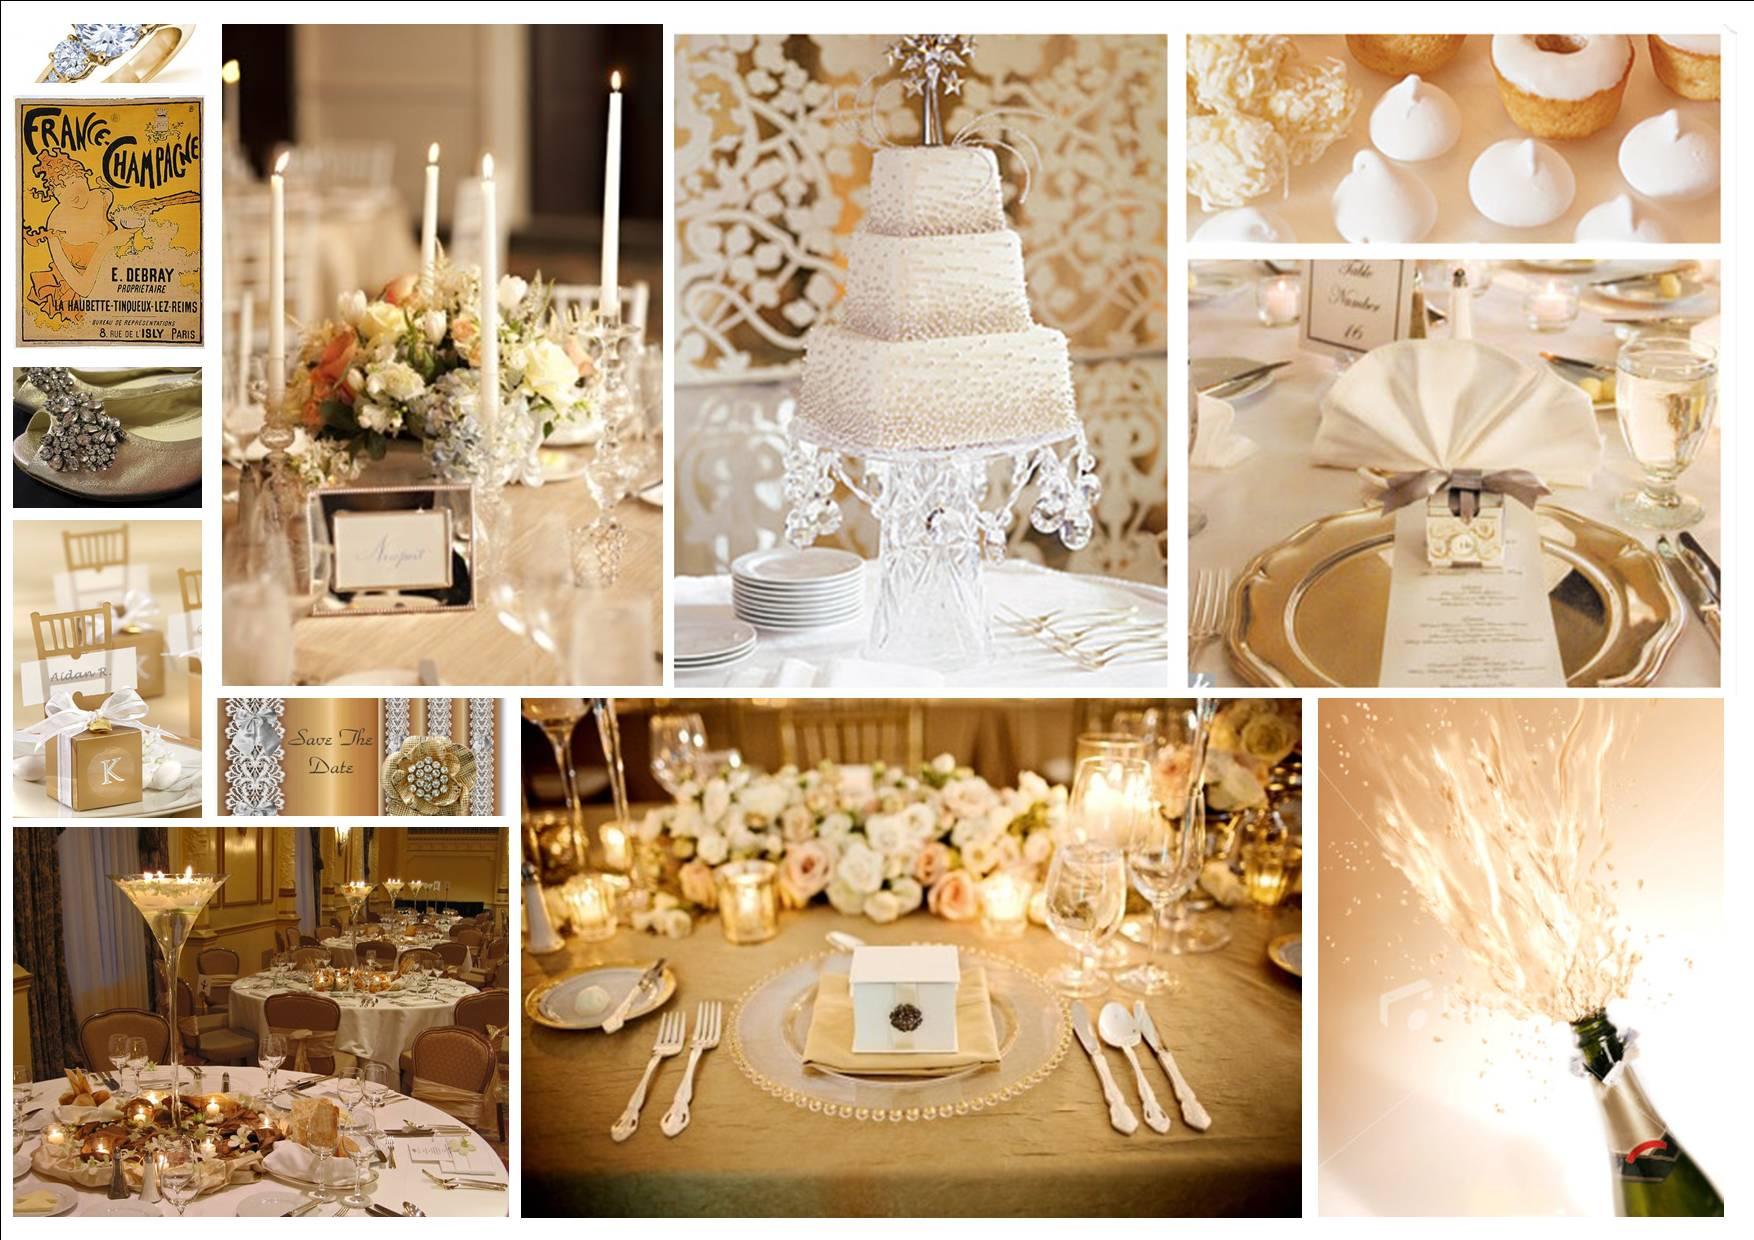 Champagne Wedding Theme Wedding Ideas